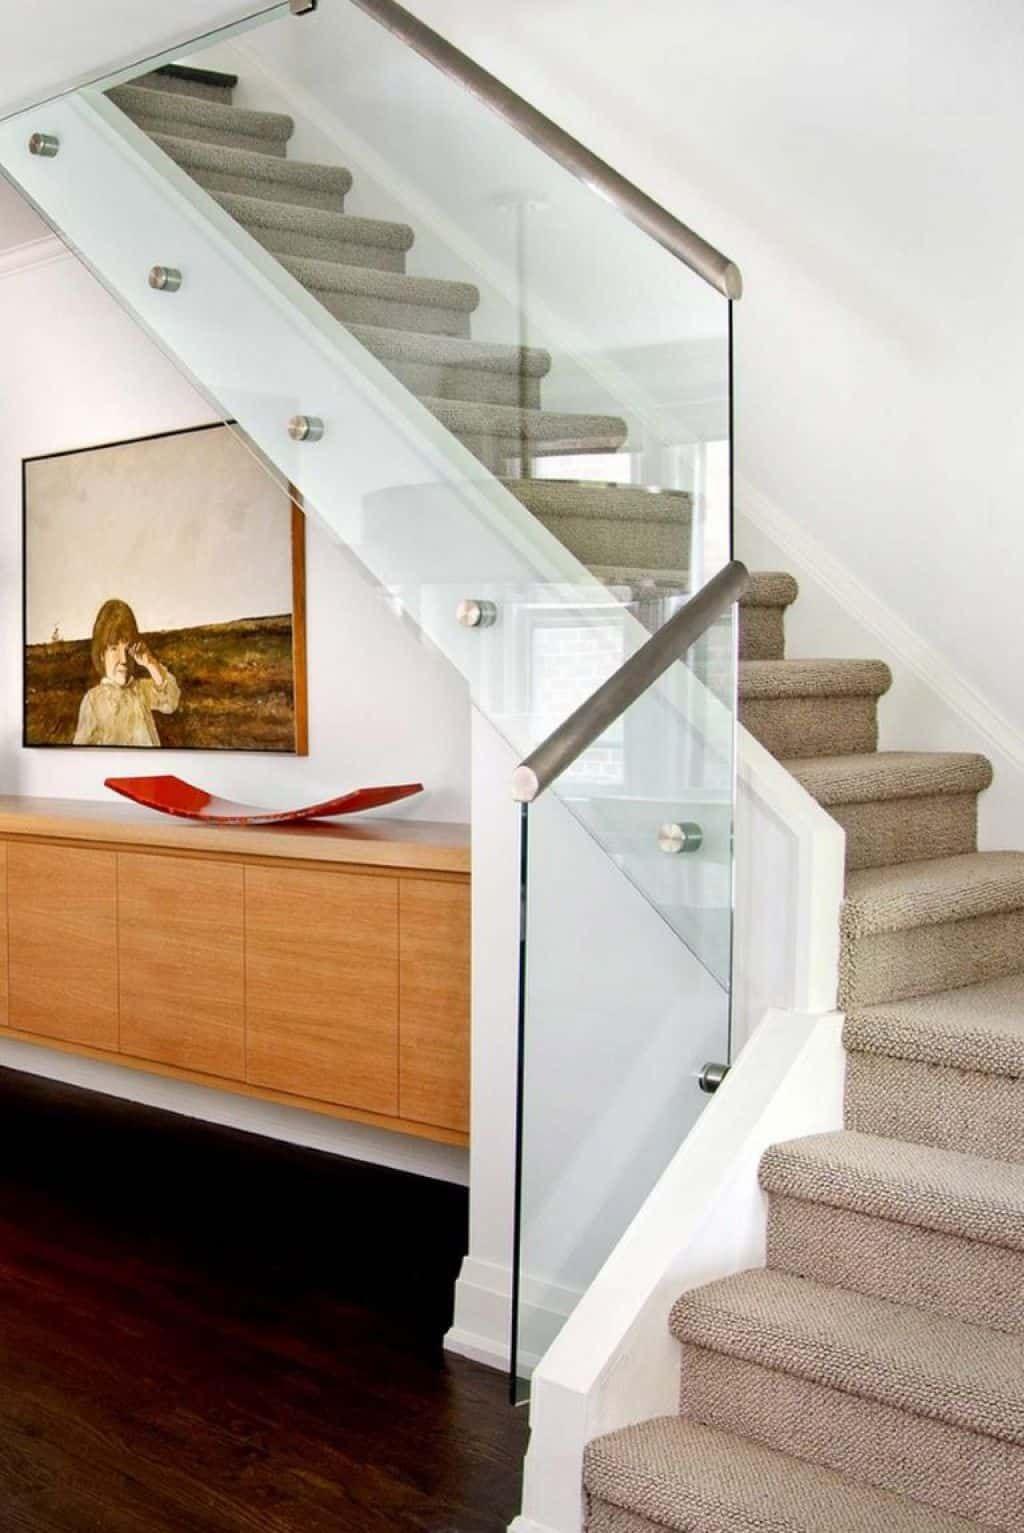 Long Lasting Stainless Steel Stair Railing | Stair railing ...